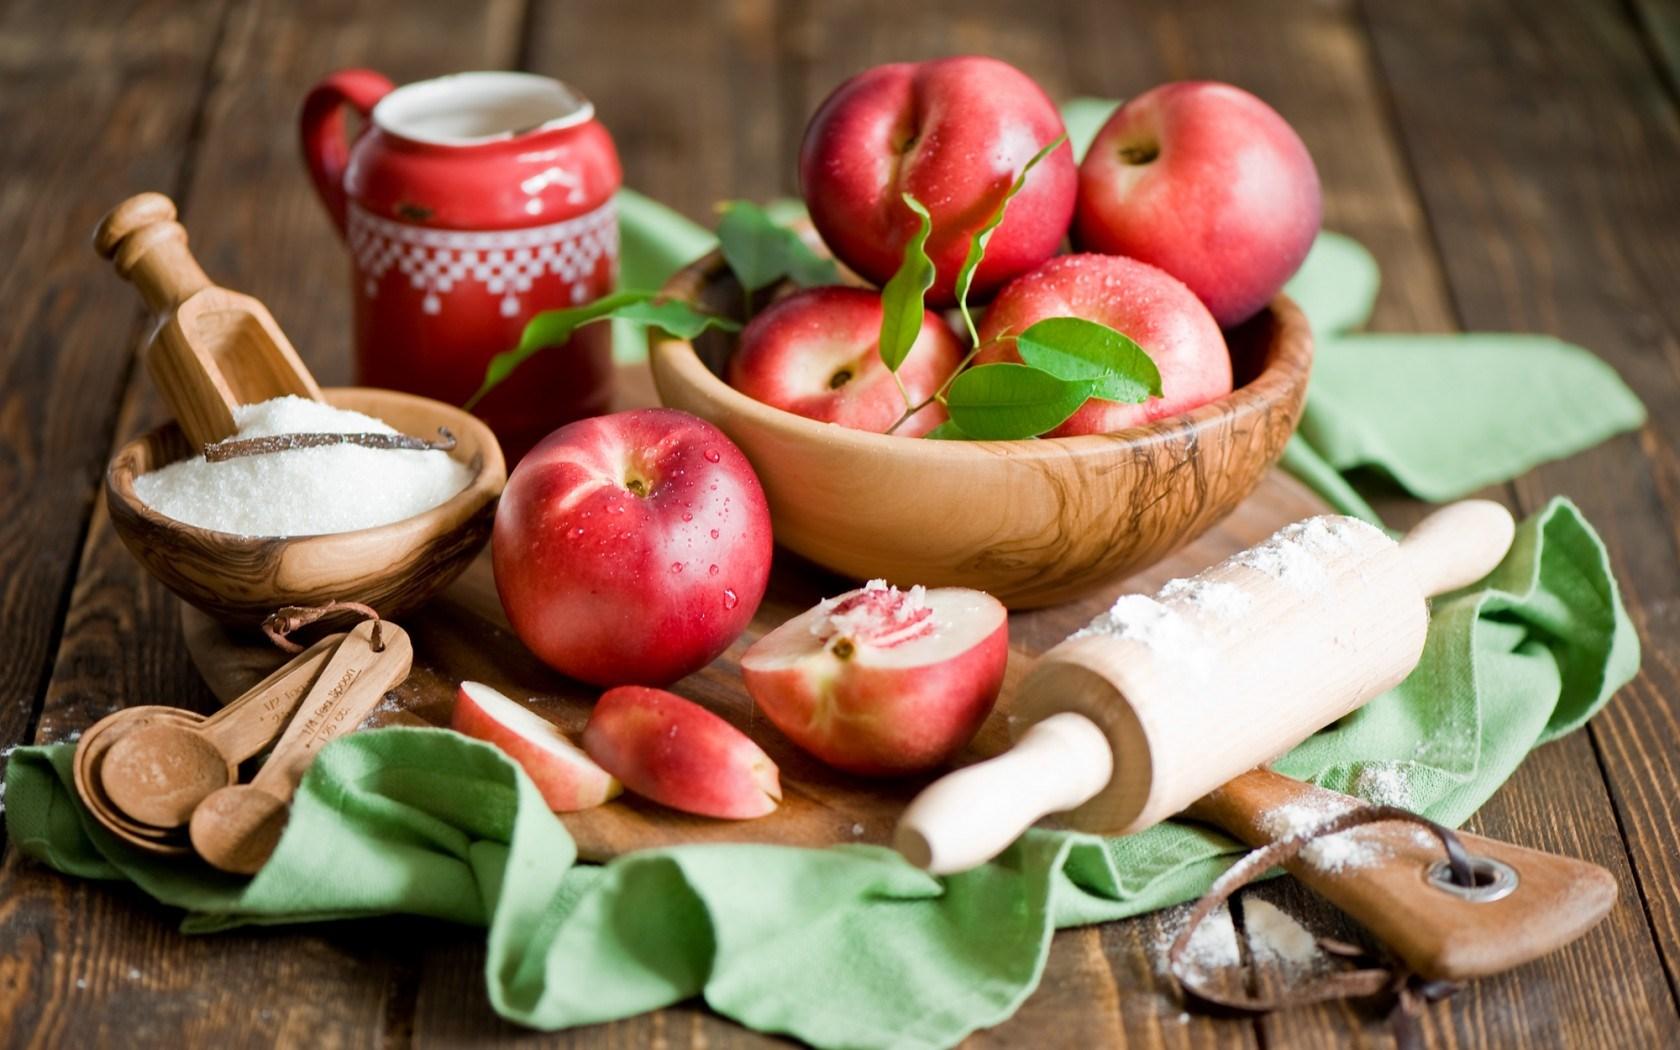 Nectarines Fruit Sugar Still Life